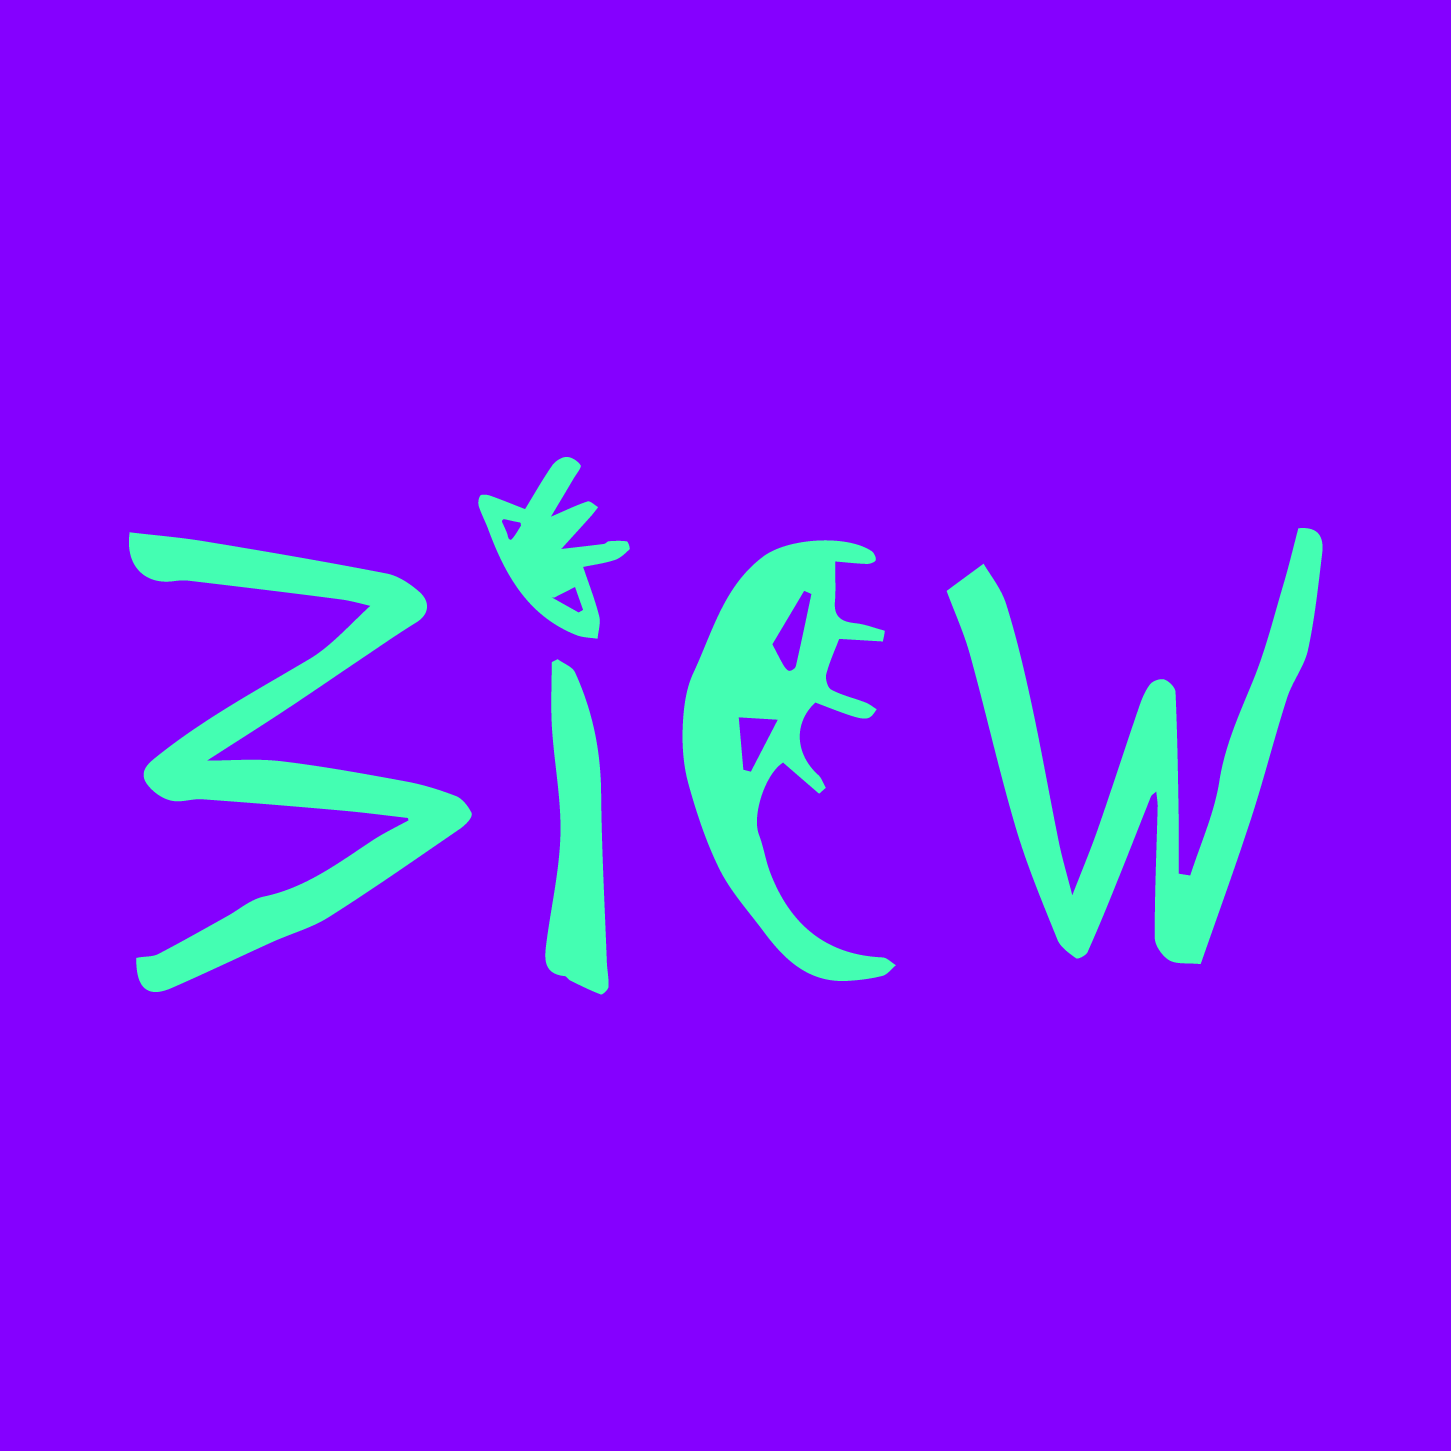 뷰 BIEW